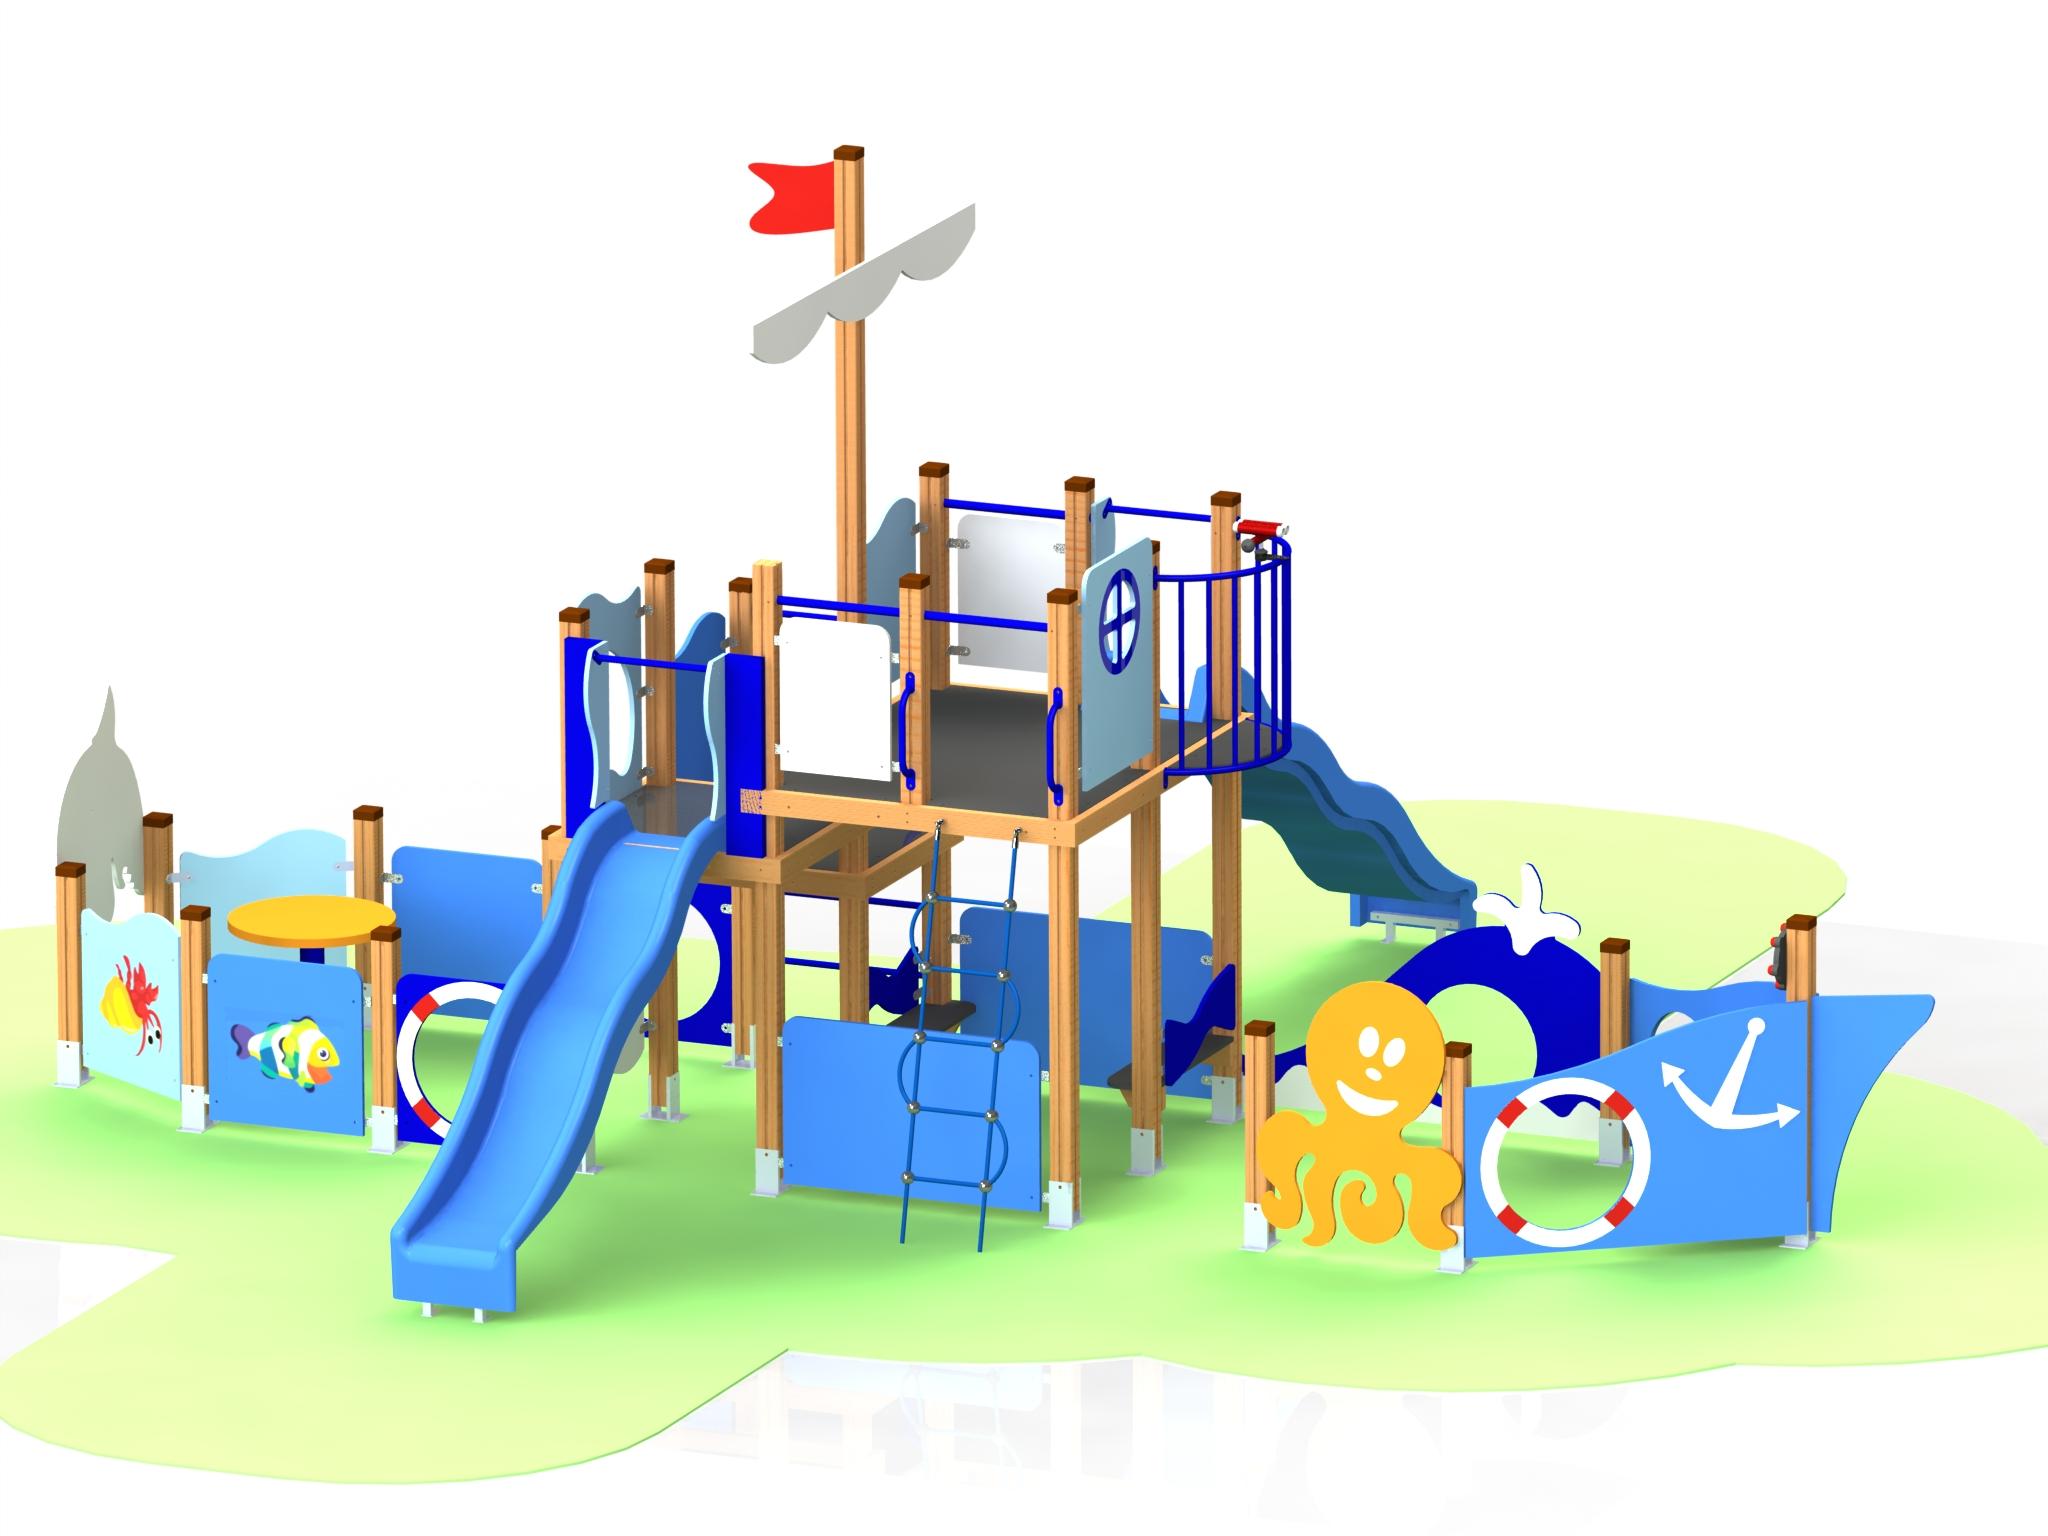 Снимка на продукта: Комбинирано детско съоръжение, модел КД33